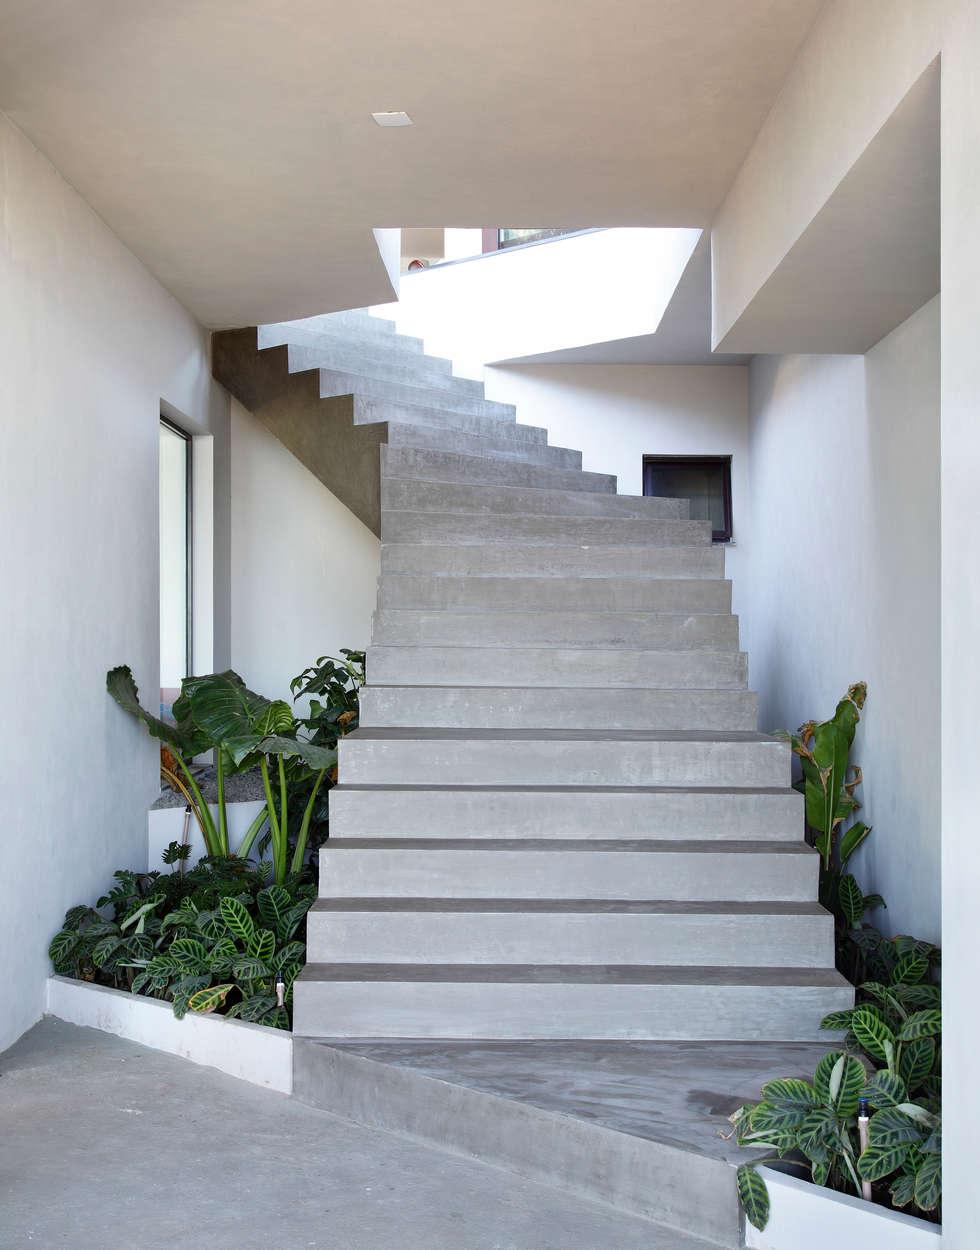 Escaleras de cemento para interiores bonito diseo - Escaleras de cemento para interiores ...